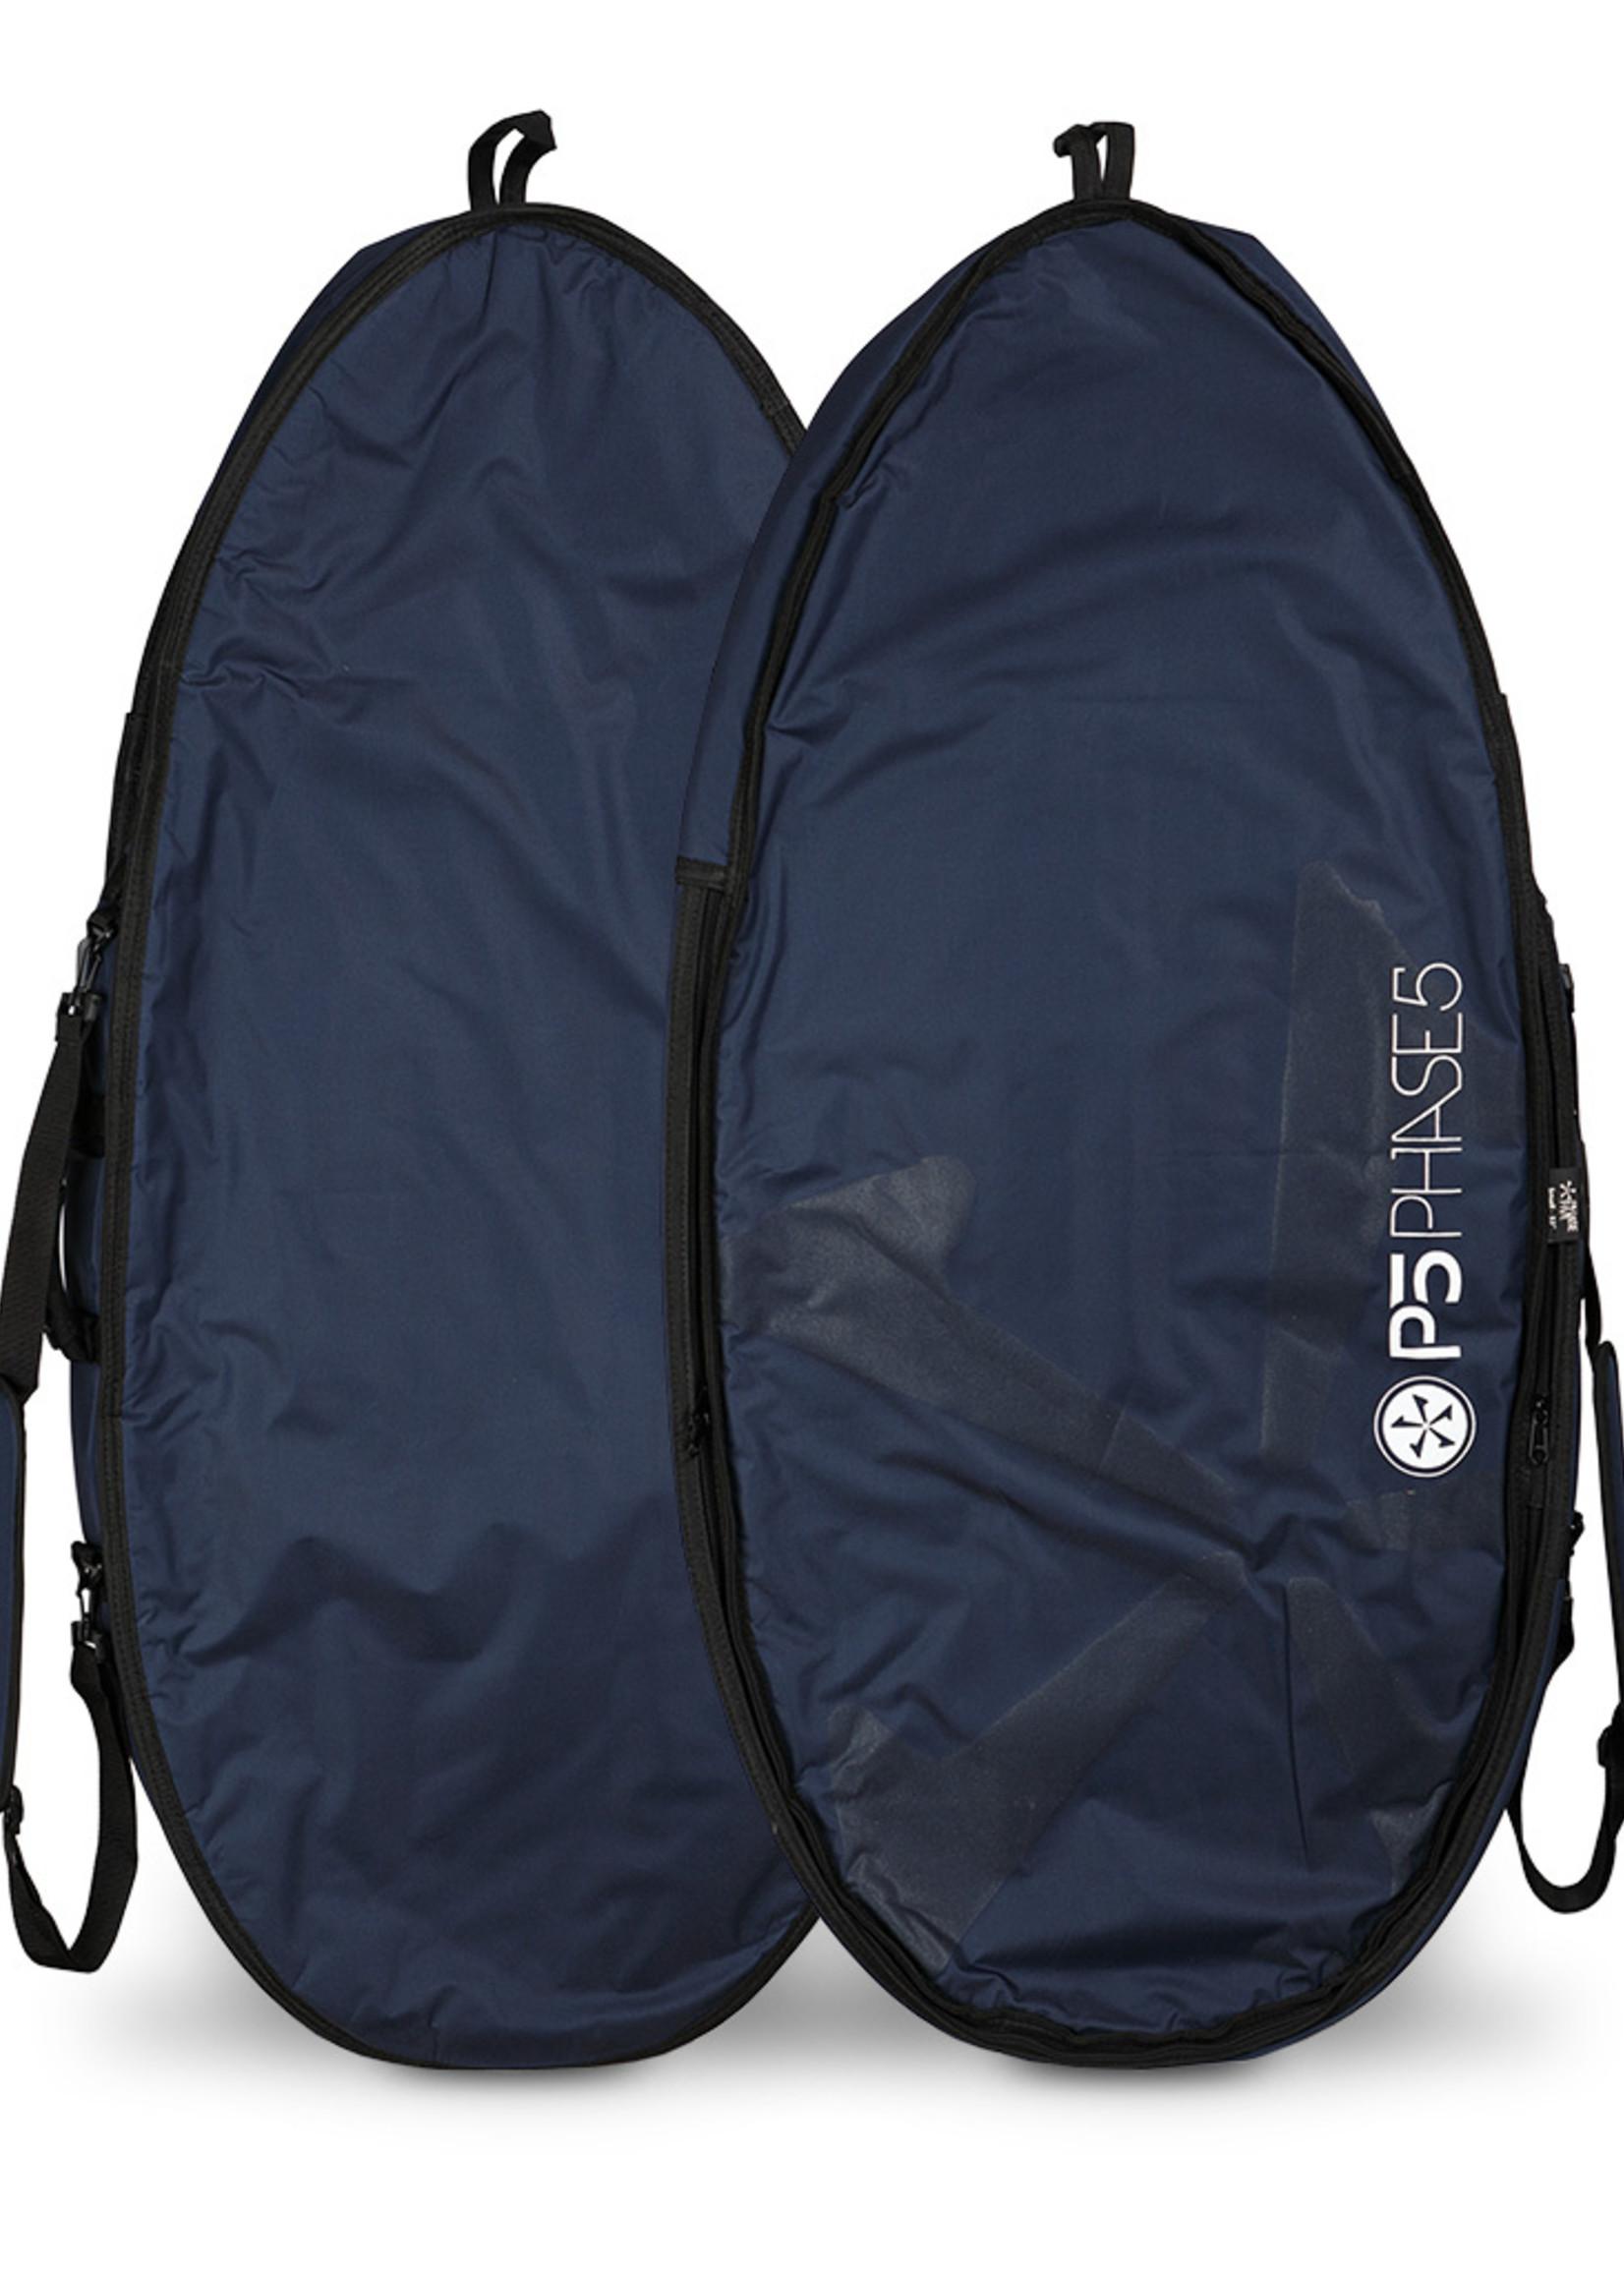 Phase Five Phase Five Deluxe Reisetasche für Wakesurfbretter Navy